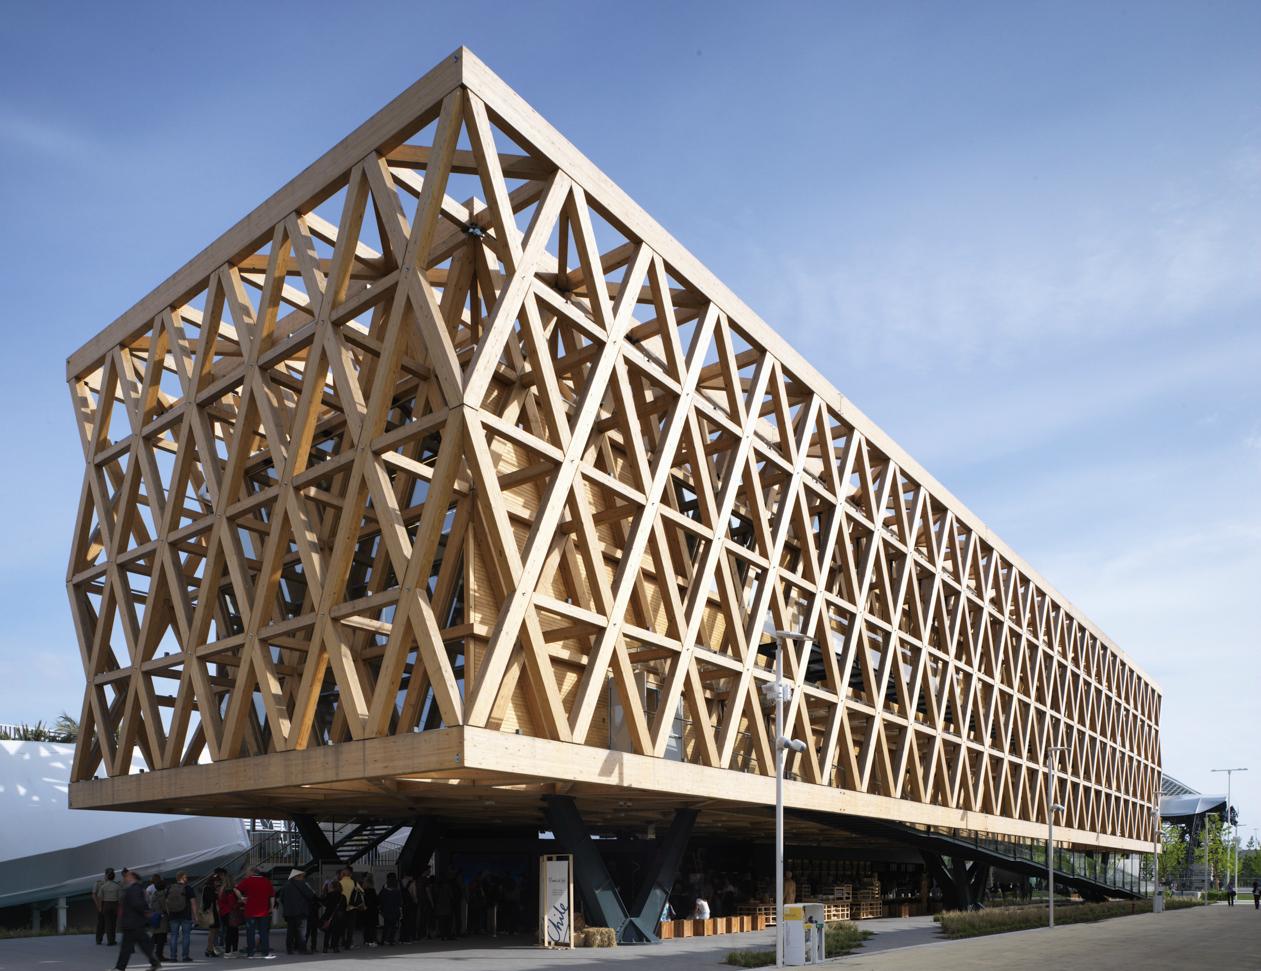 Pabell n de chile en la expo mil n 2015 se convertir en for Plataforma de arquitectura